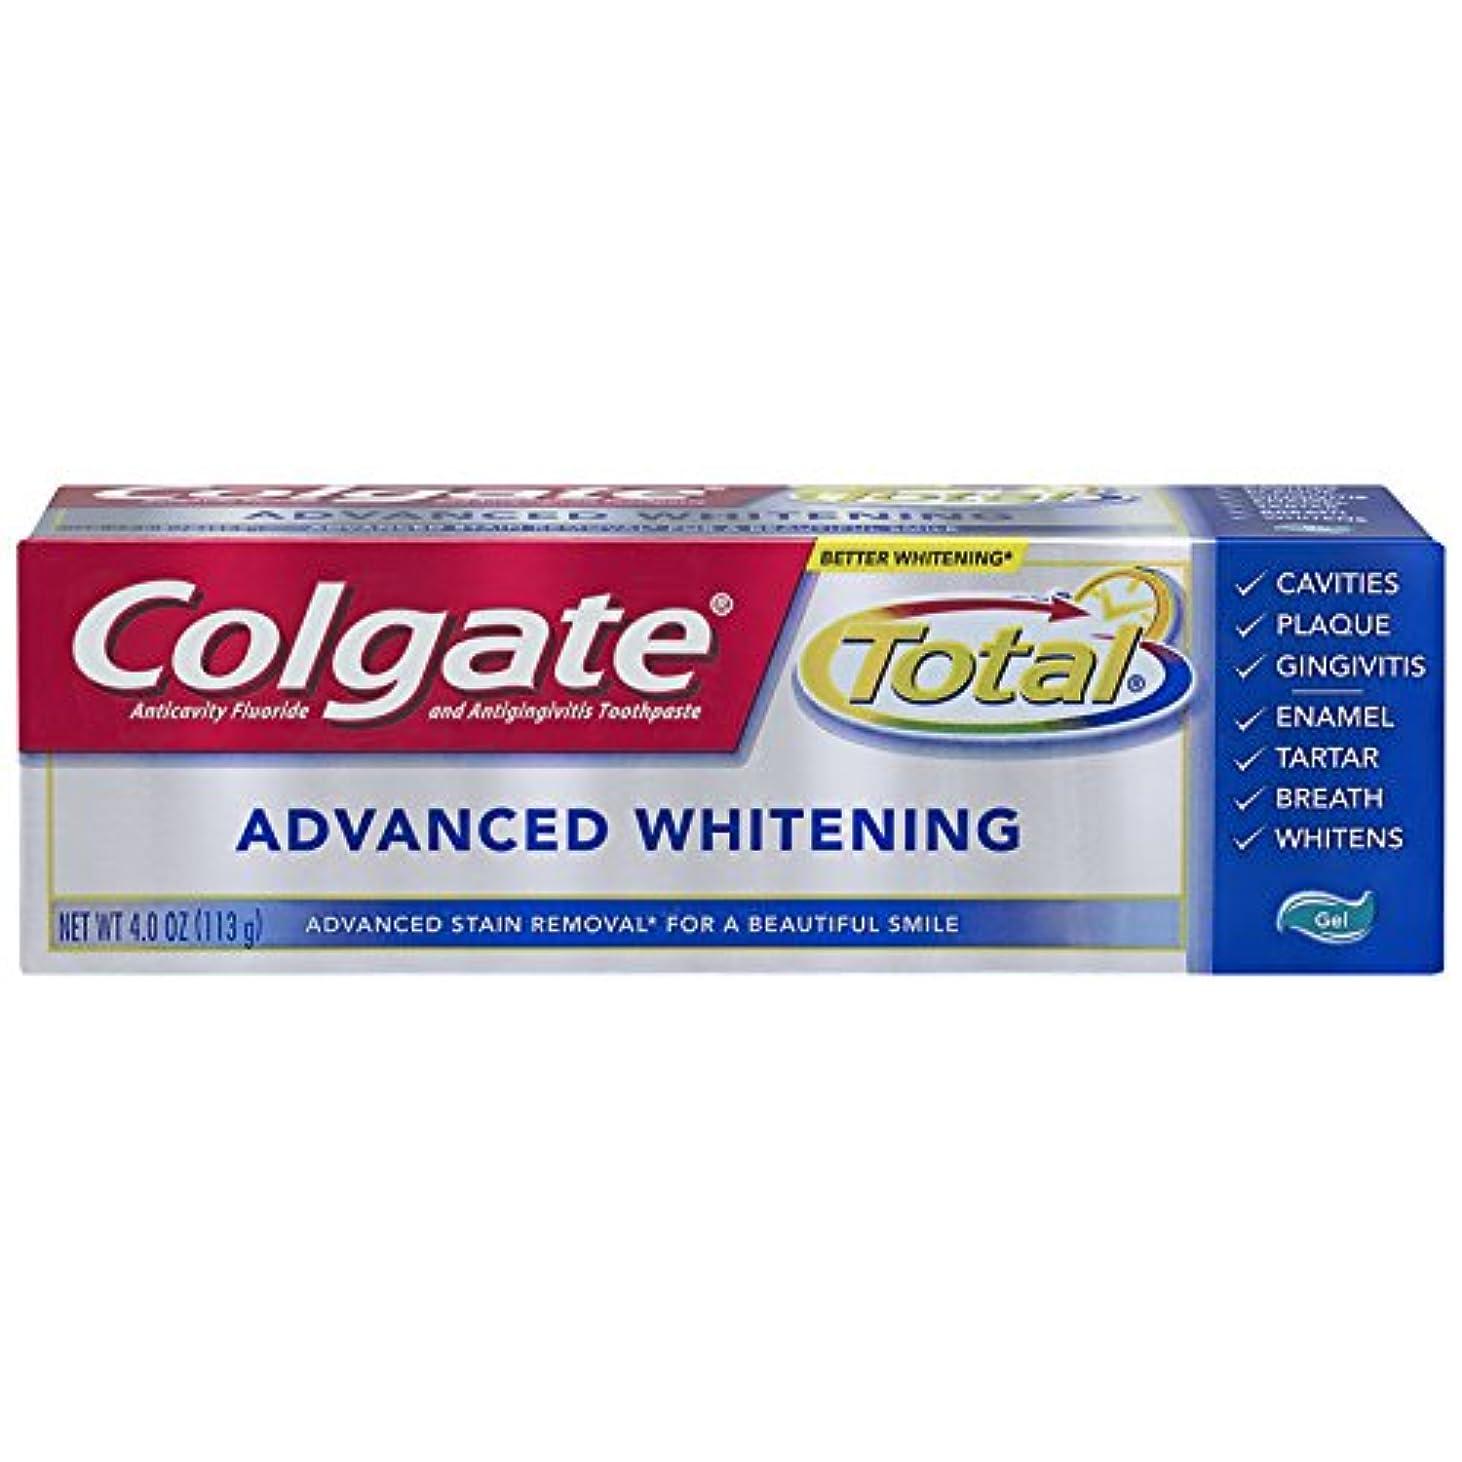 失われた化学薬品競争Colgate 総アドバンストホワイトニングジェル歯磨き - 4.0オンス(6パック)